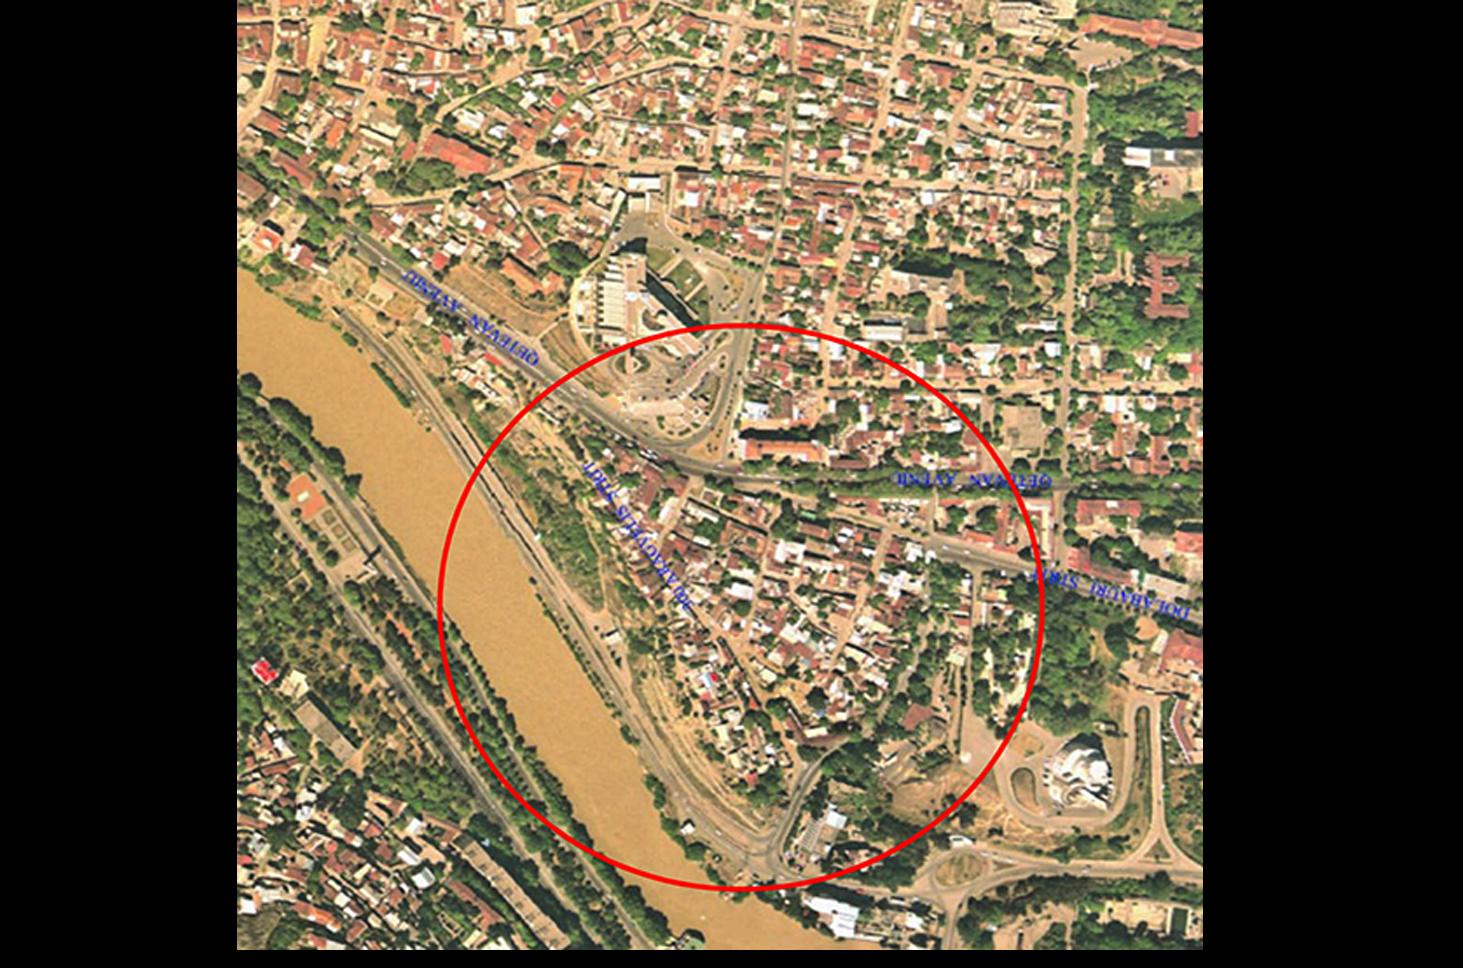 Tibilisi_aerial photo